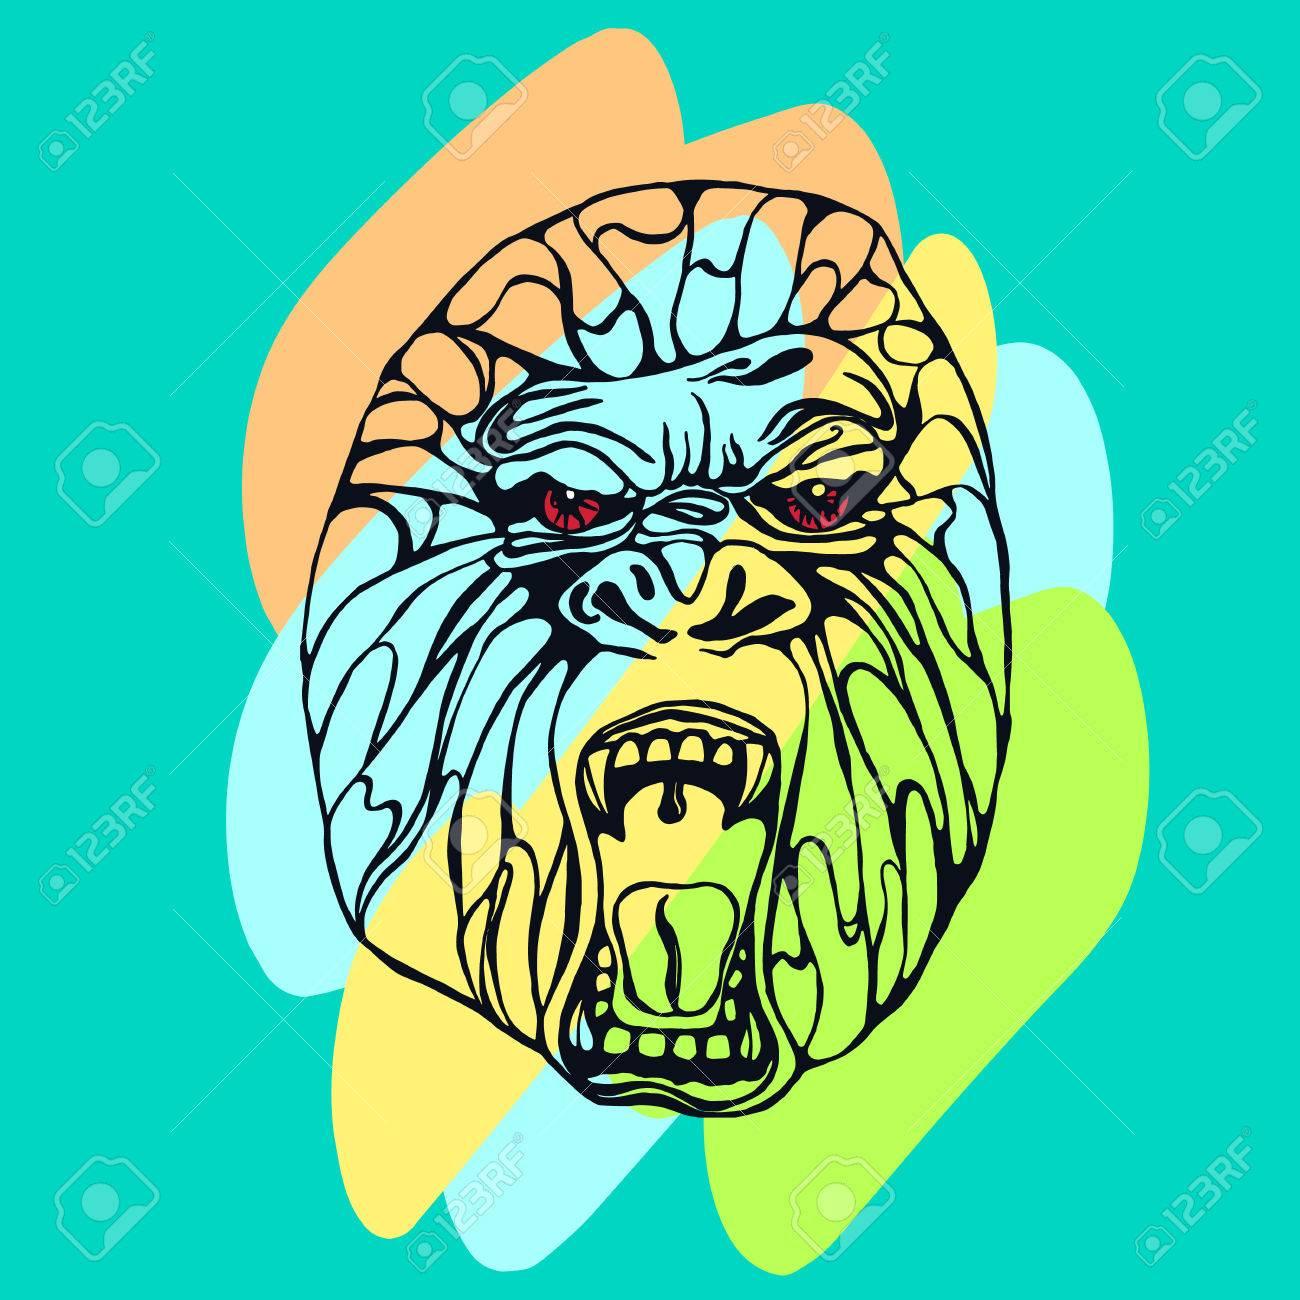 Foto de archivo - Gruñendo gorila detallado con manchas de color. Diseño de  la camiseta 746695d6c7756